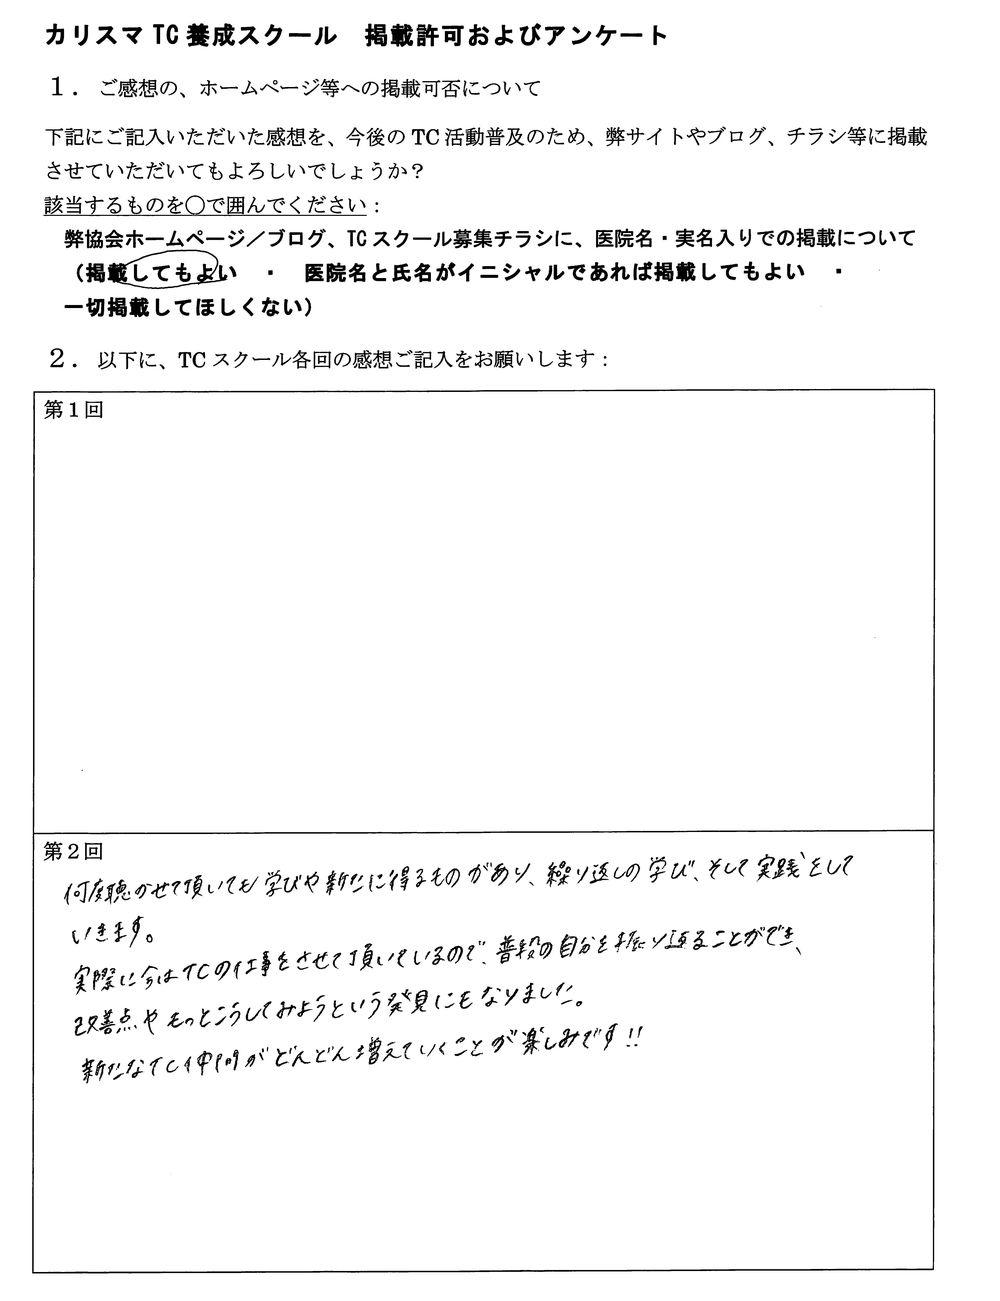 杉本 江美様アンケート